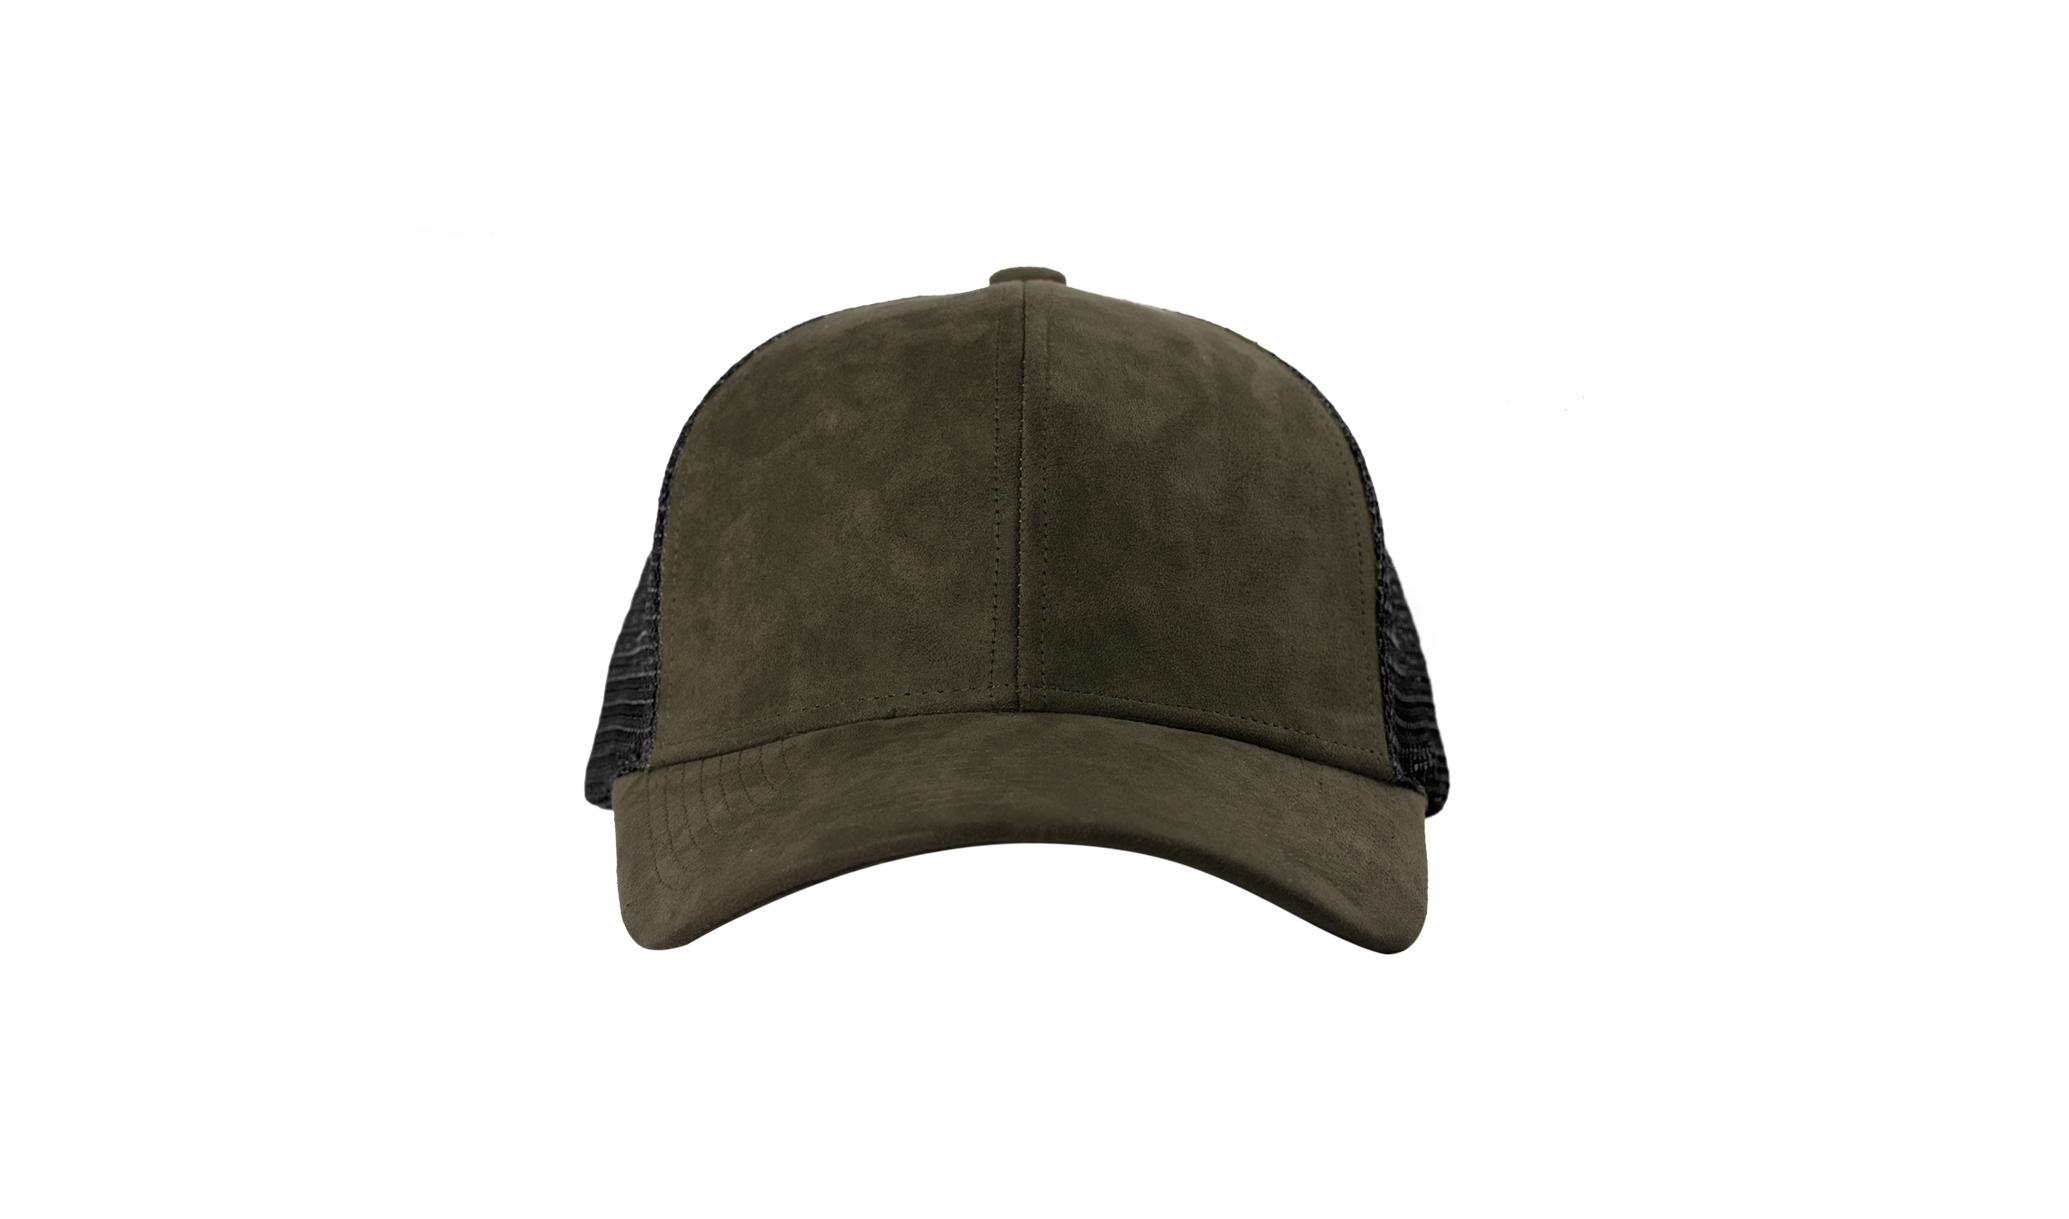 TRUCKER CAP OLIVE SUEDE FRONT